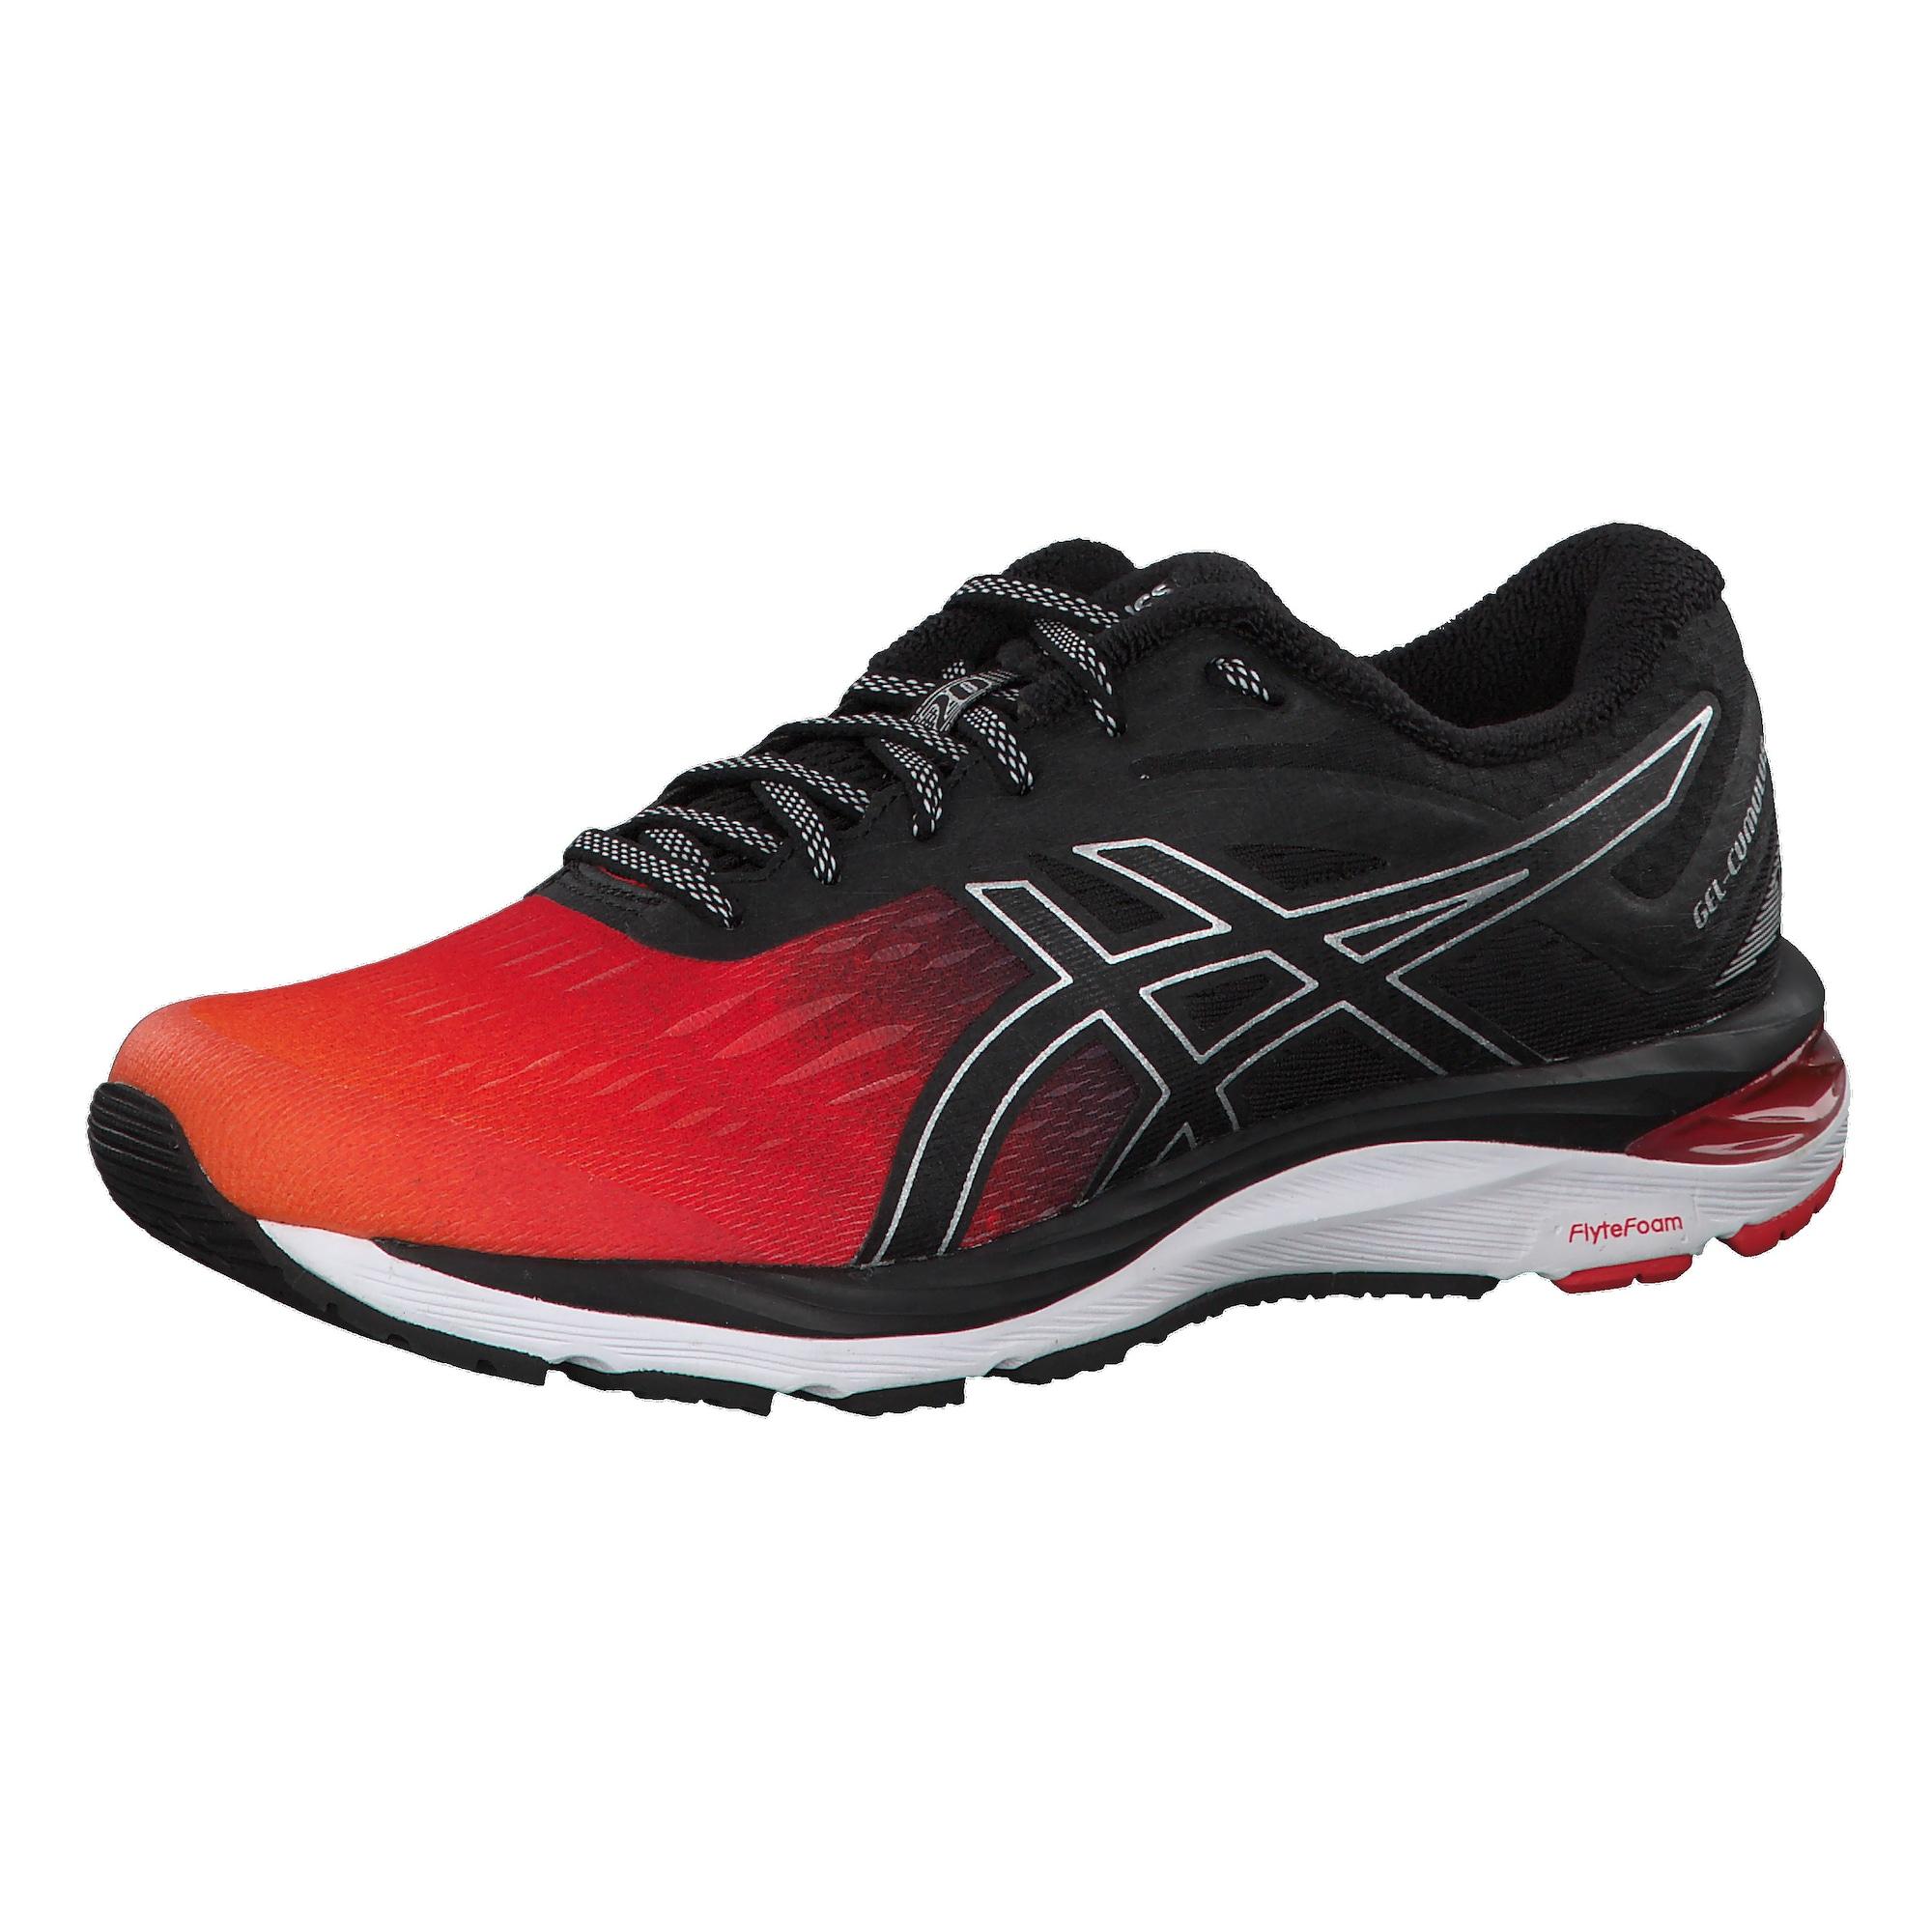 Běžecká obuv GEL-CUMULUS 20 SP světle červená černá bílá ASICS